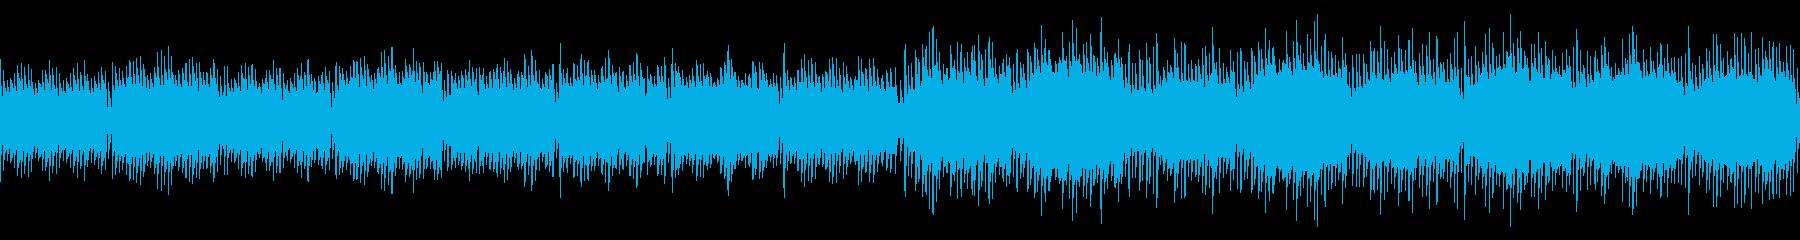 レトロなプレリュード(ゲーム画面などに)の再生済みの波形